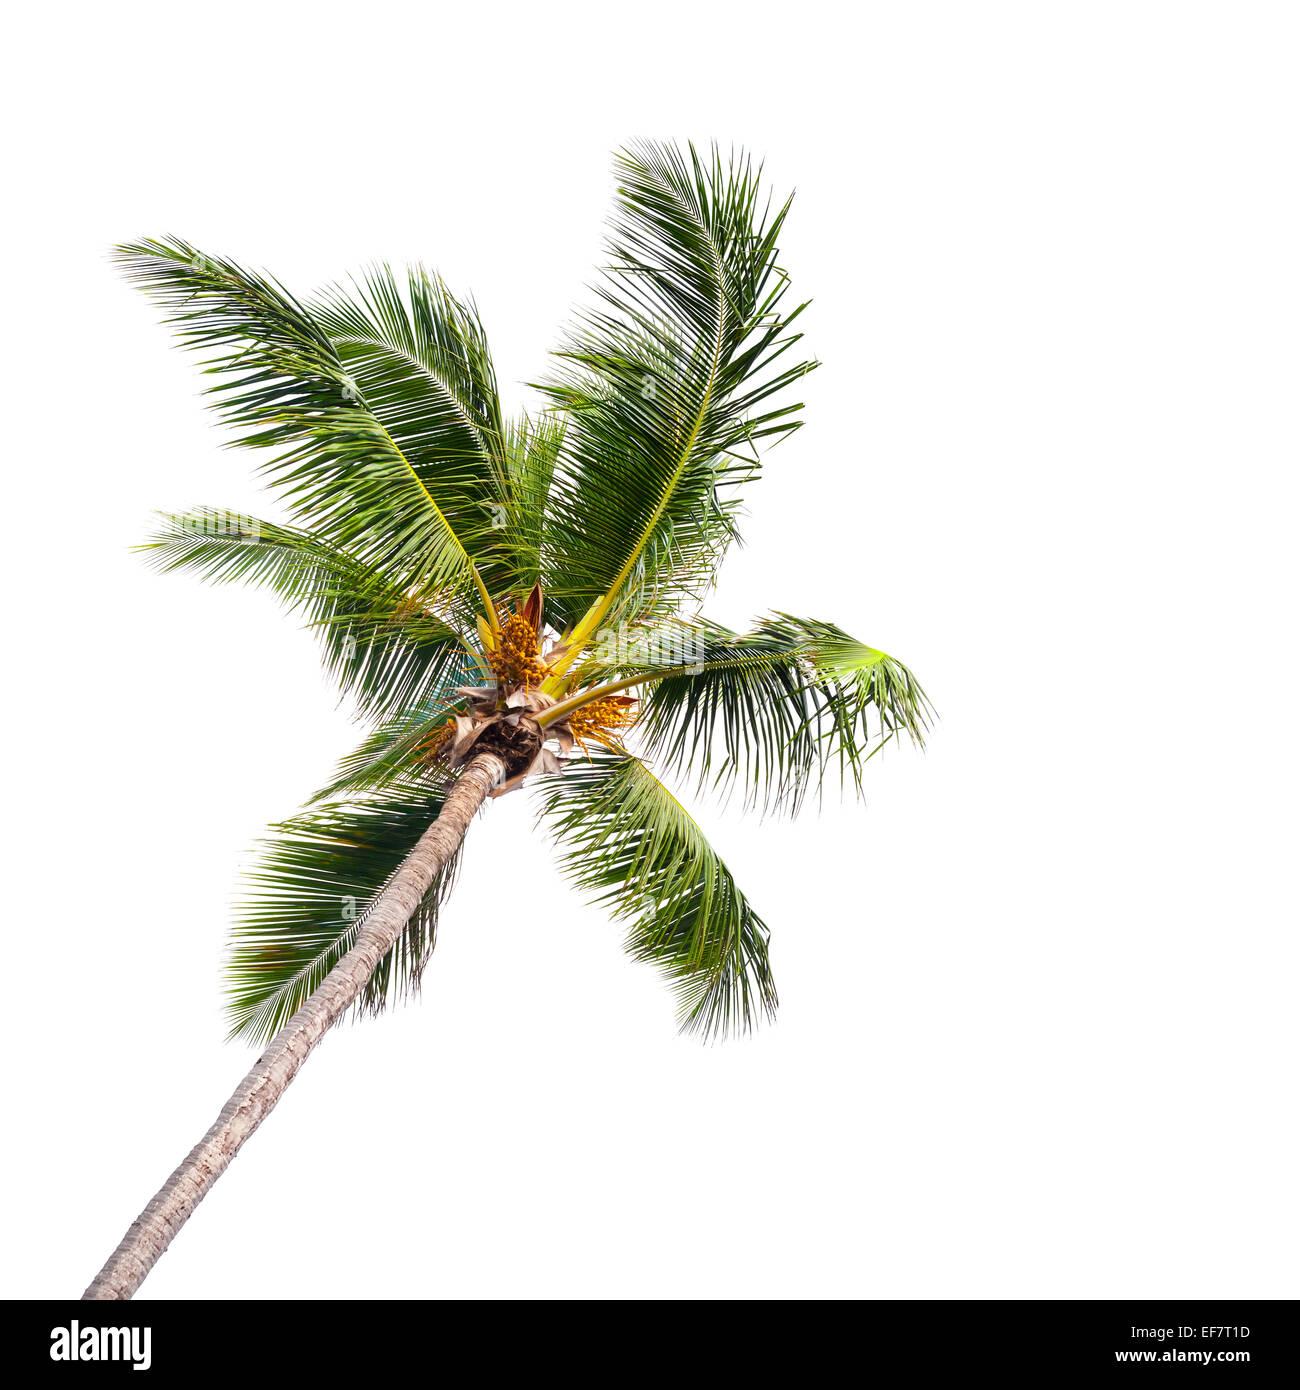 Unico coconut Palm tree isolati su sfondo bianco Immagini Stock